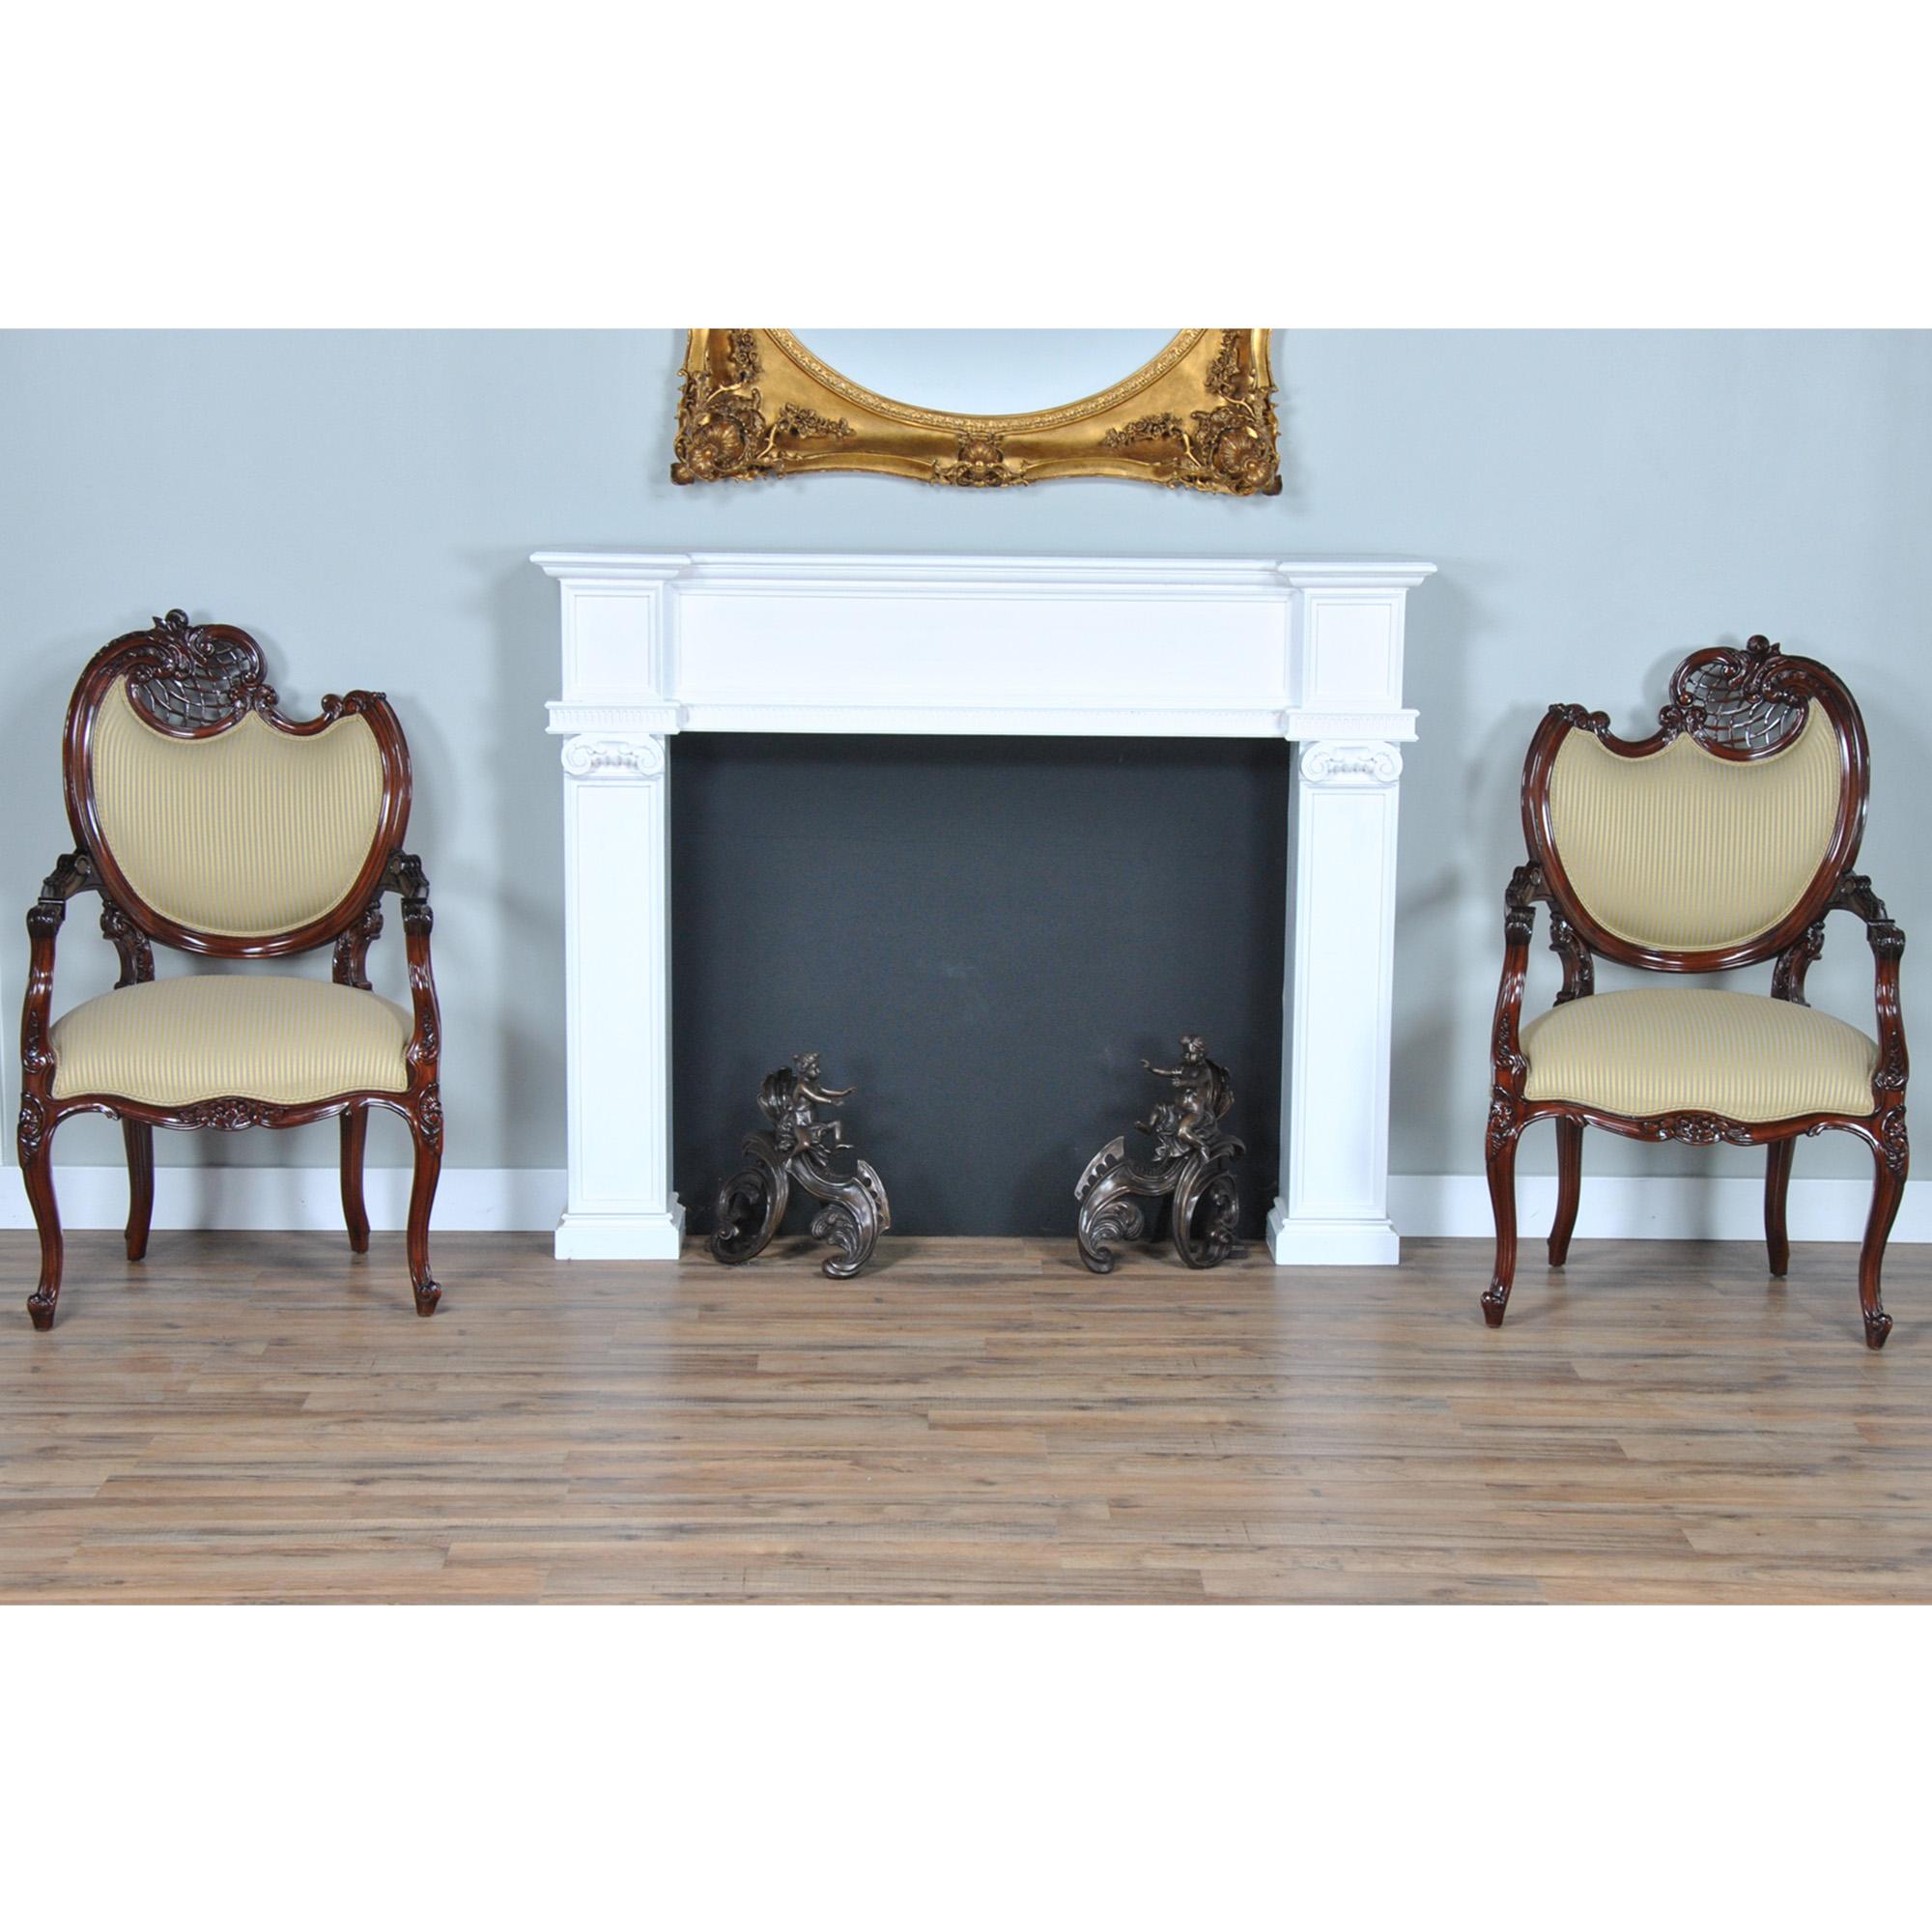 Right Fireside Chair Niagara Furniture Fireside Chair